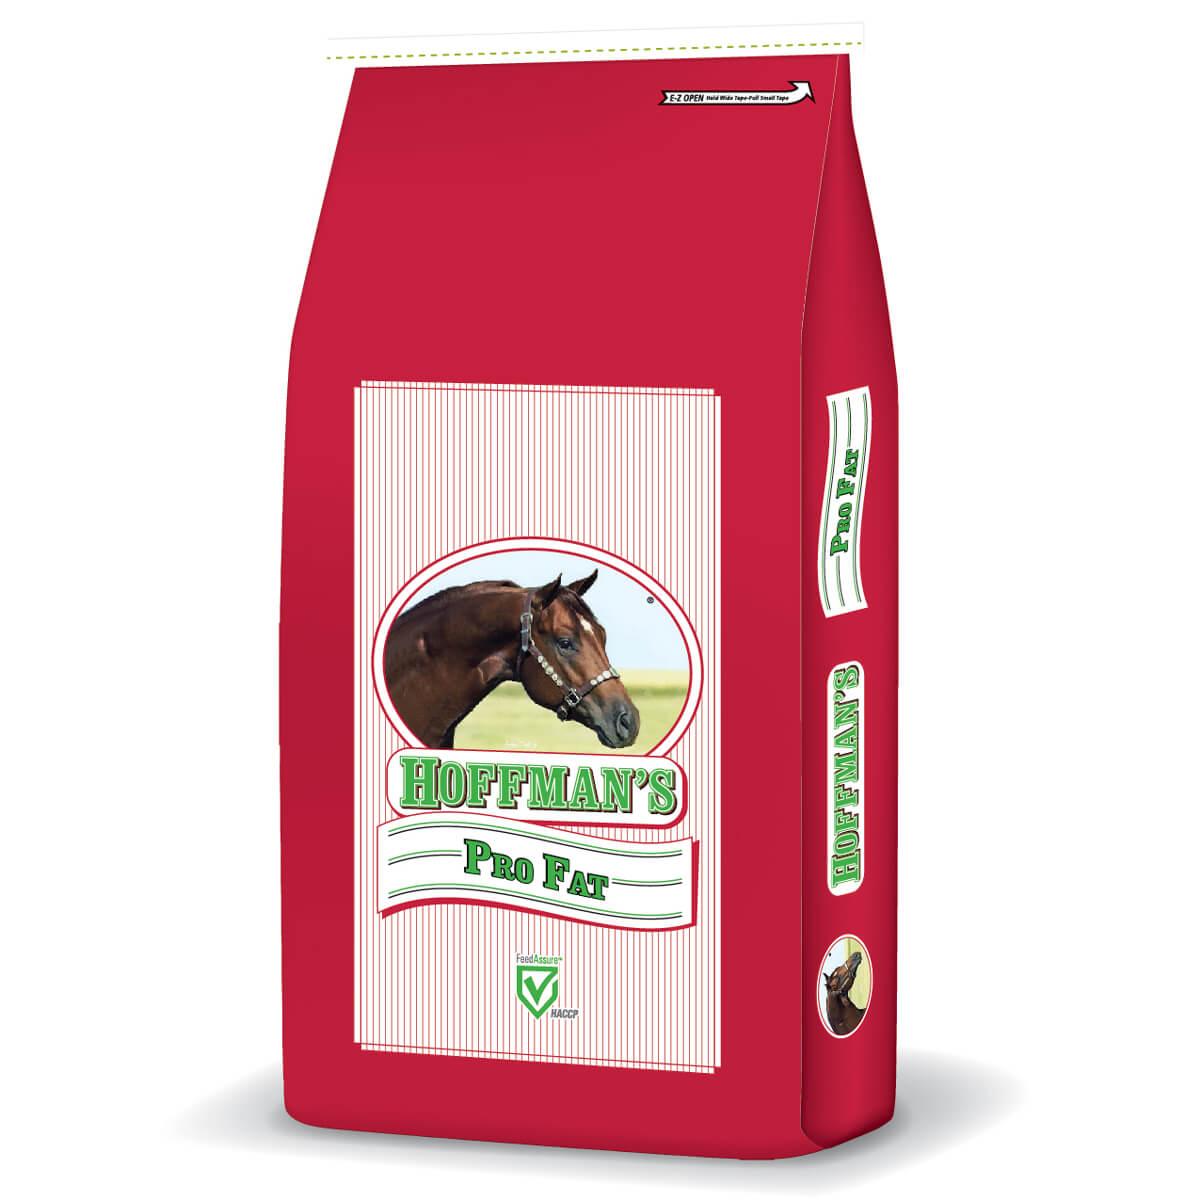 Hoffman's 16% ProFat Horse Feed - 15 kg